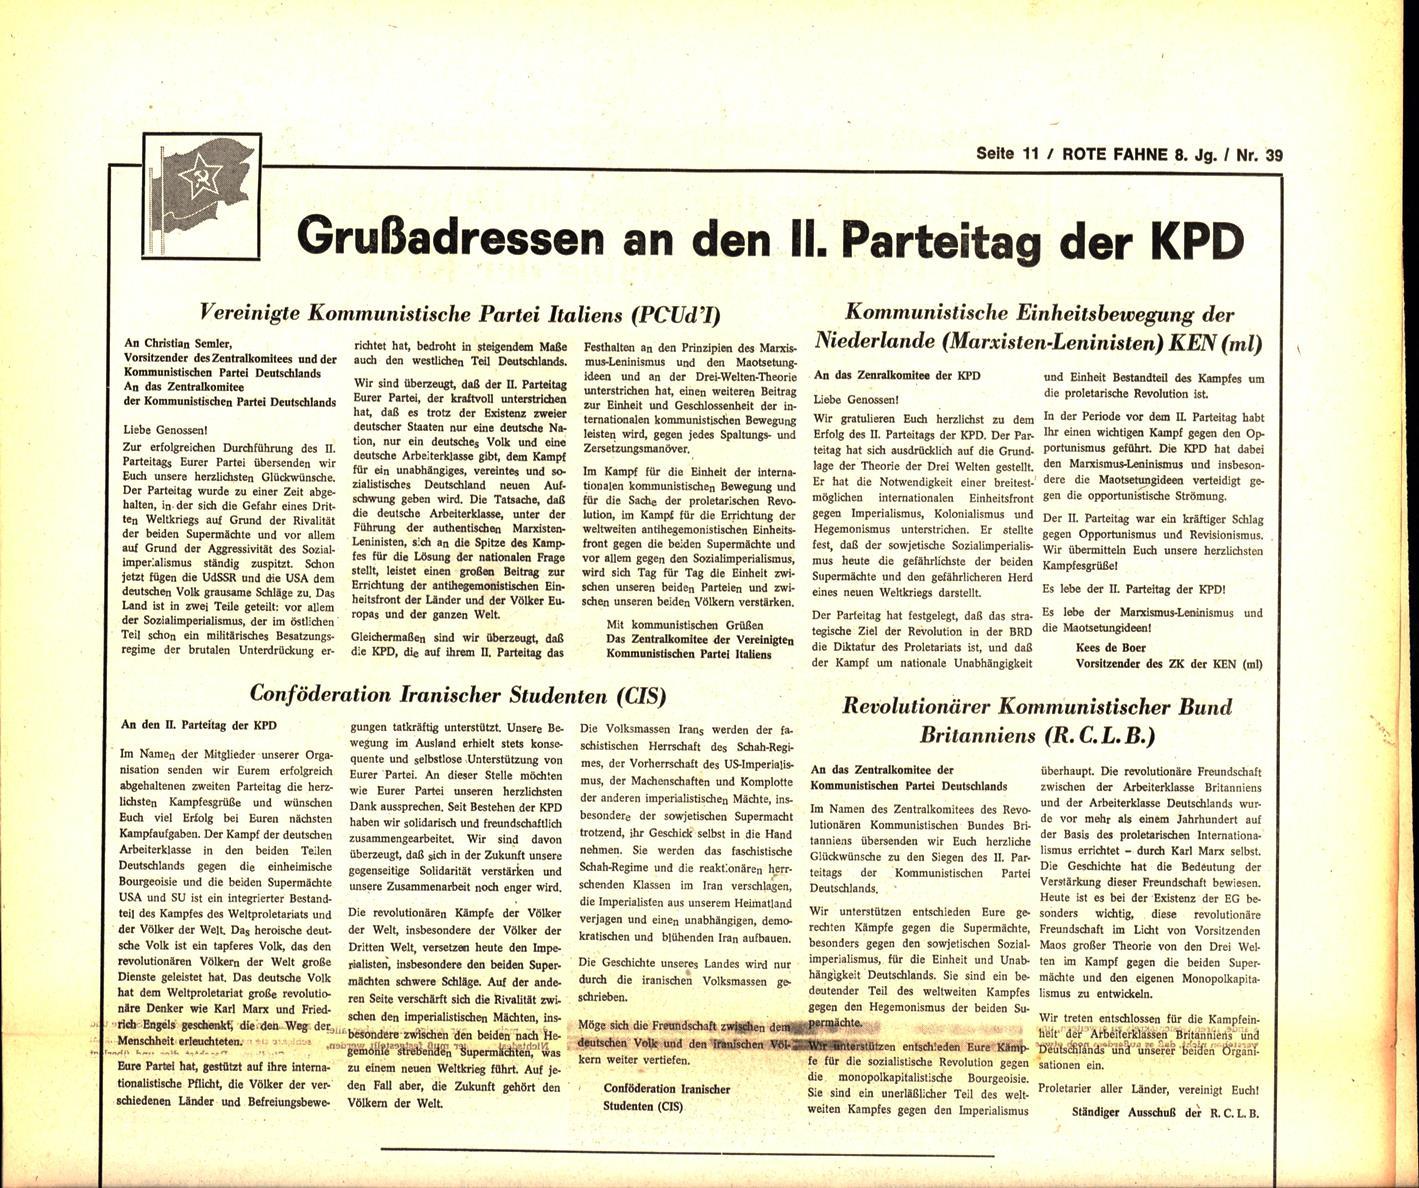 KPD_RF_1977_39_21